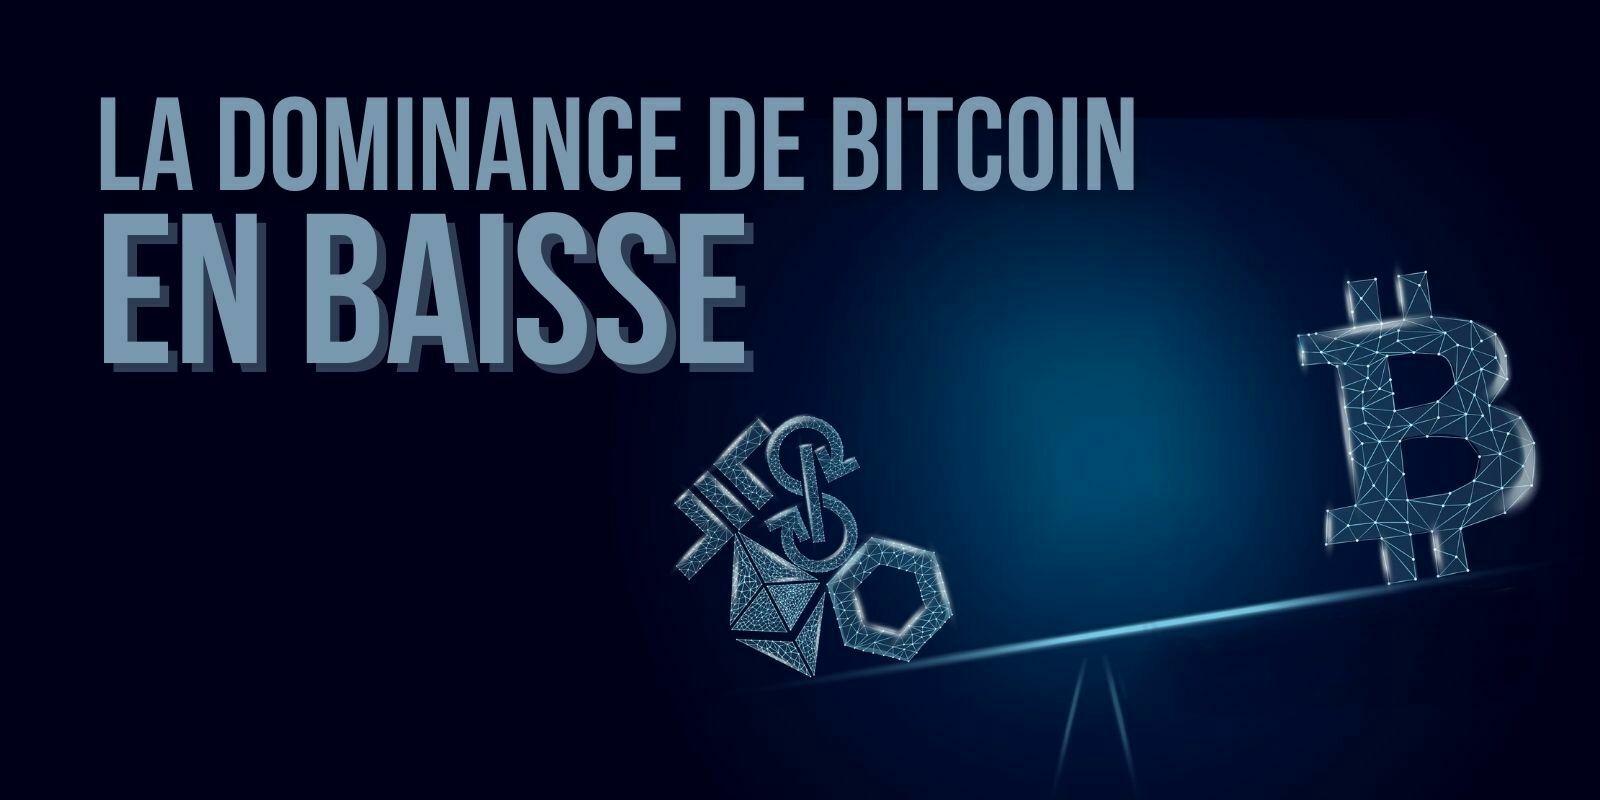 Pourquoi la dominance de Bitcoin (BTC) est-elle tombée sous les 50% ?